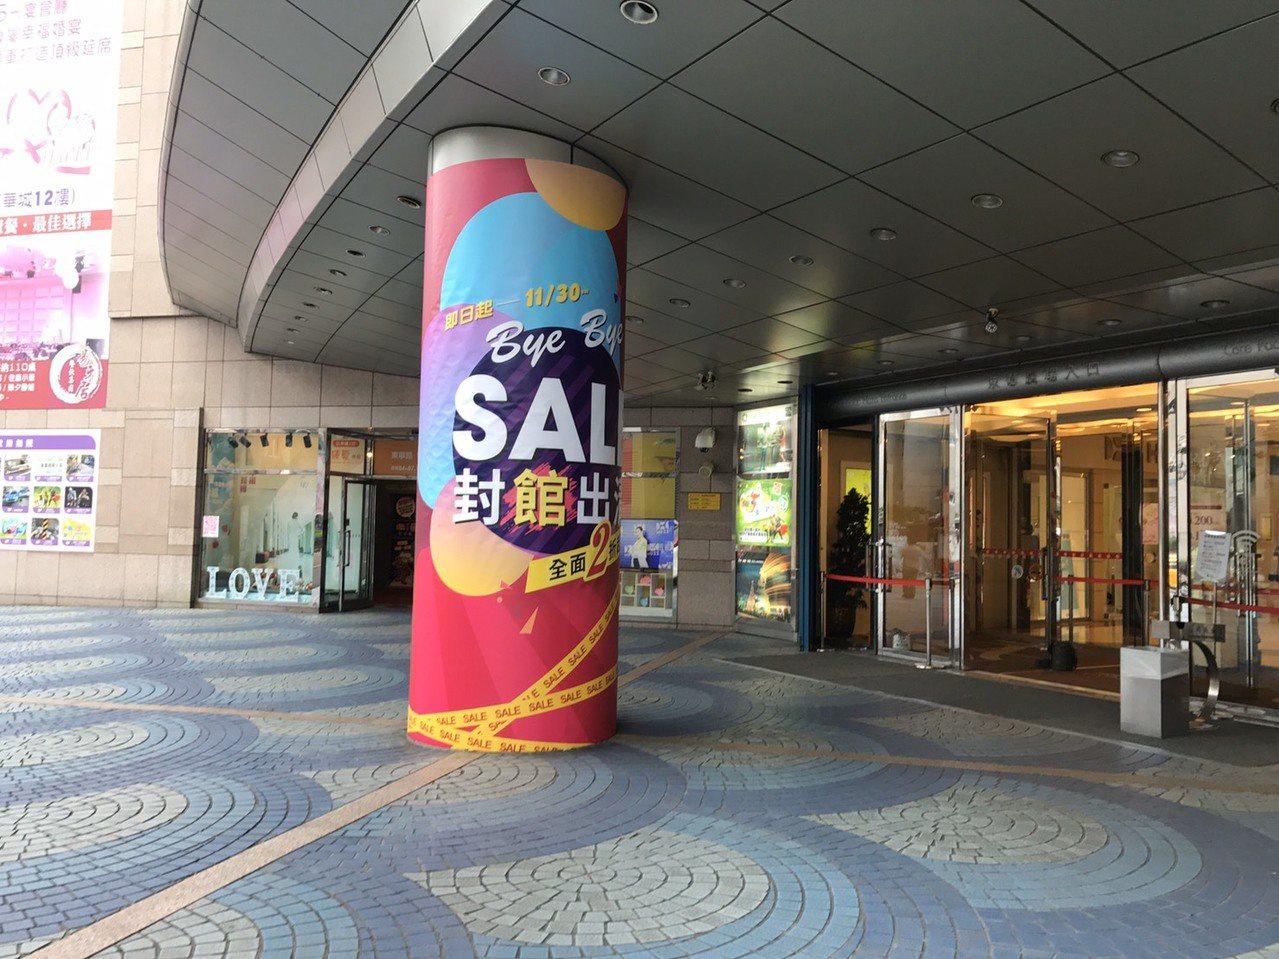 京華城正展開bye bye Sale(封館拍賣),11月30日將是最後一天的營業...